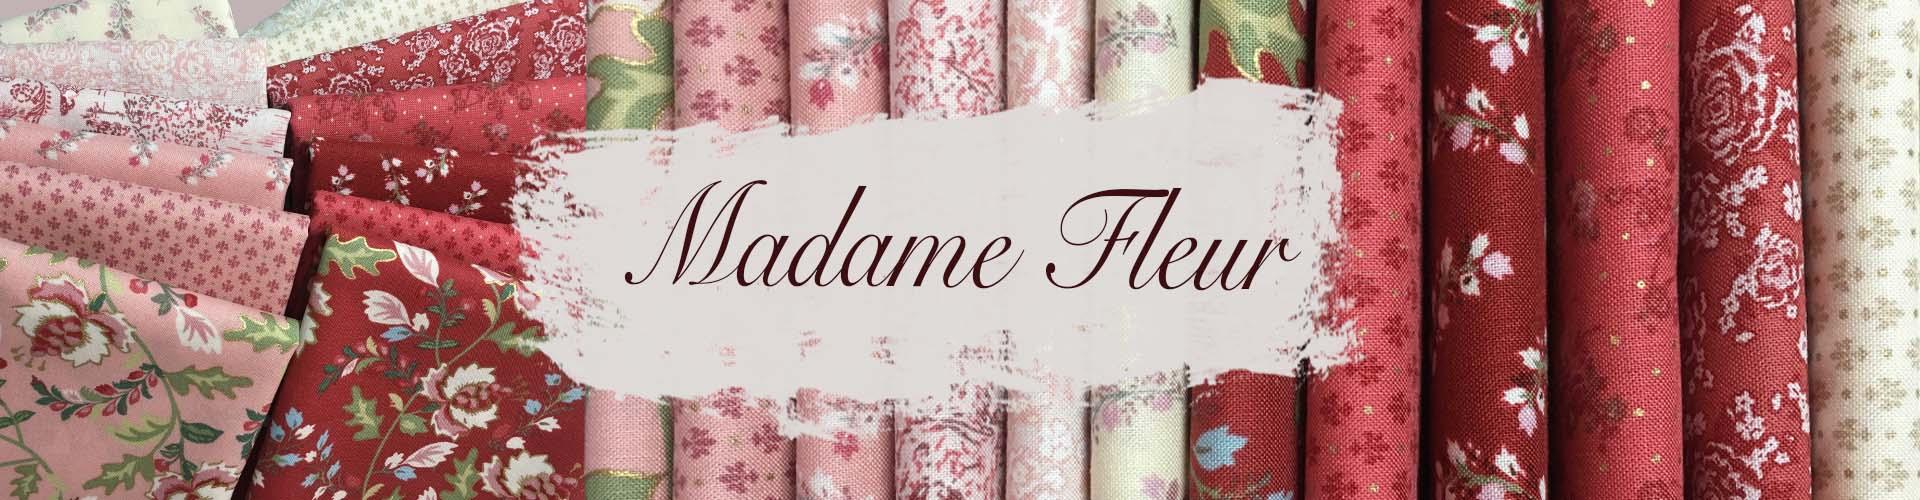 quiltestæsj-1920x500-Madame Fleur